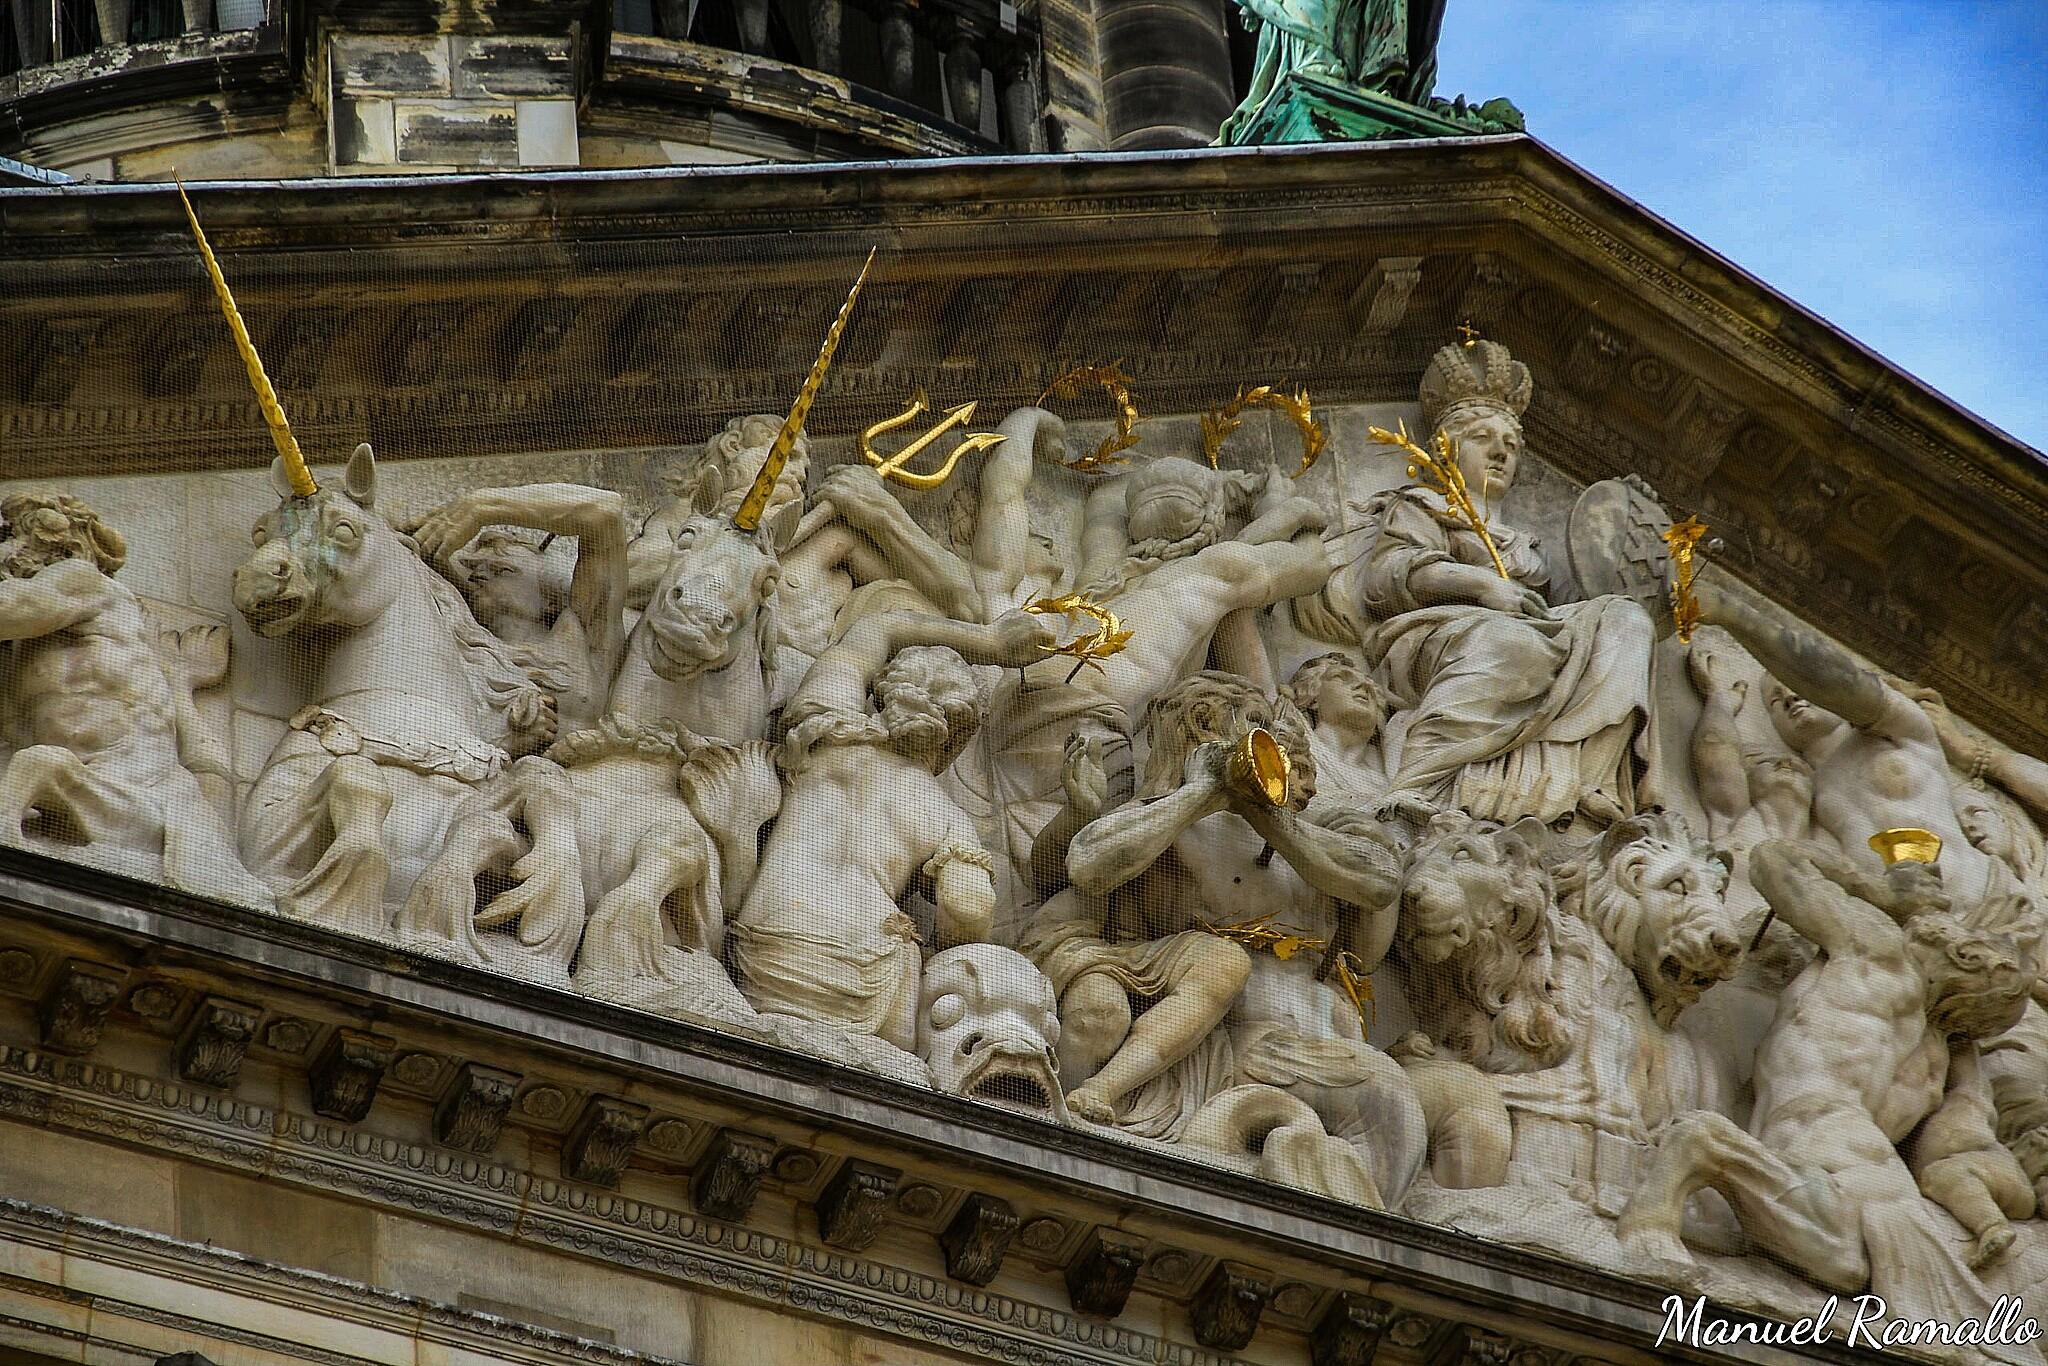 fachada-edificio-palacio-real-amsterdam-holanda-paises-bajos